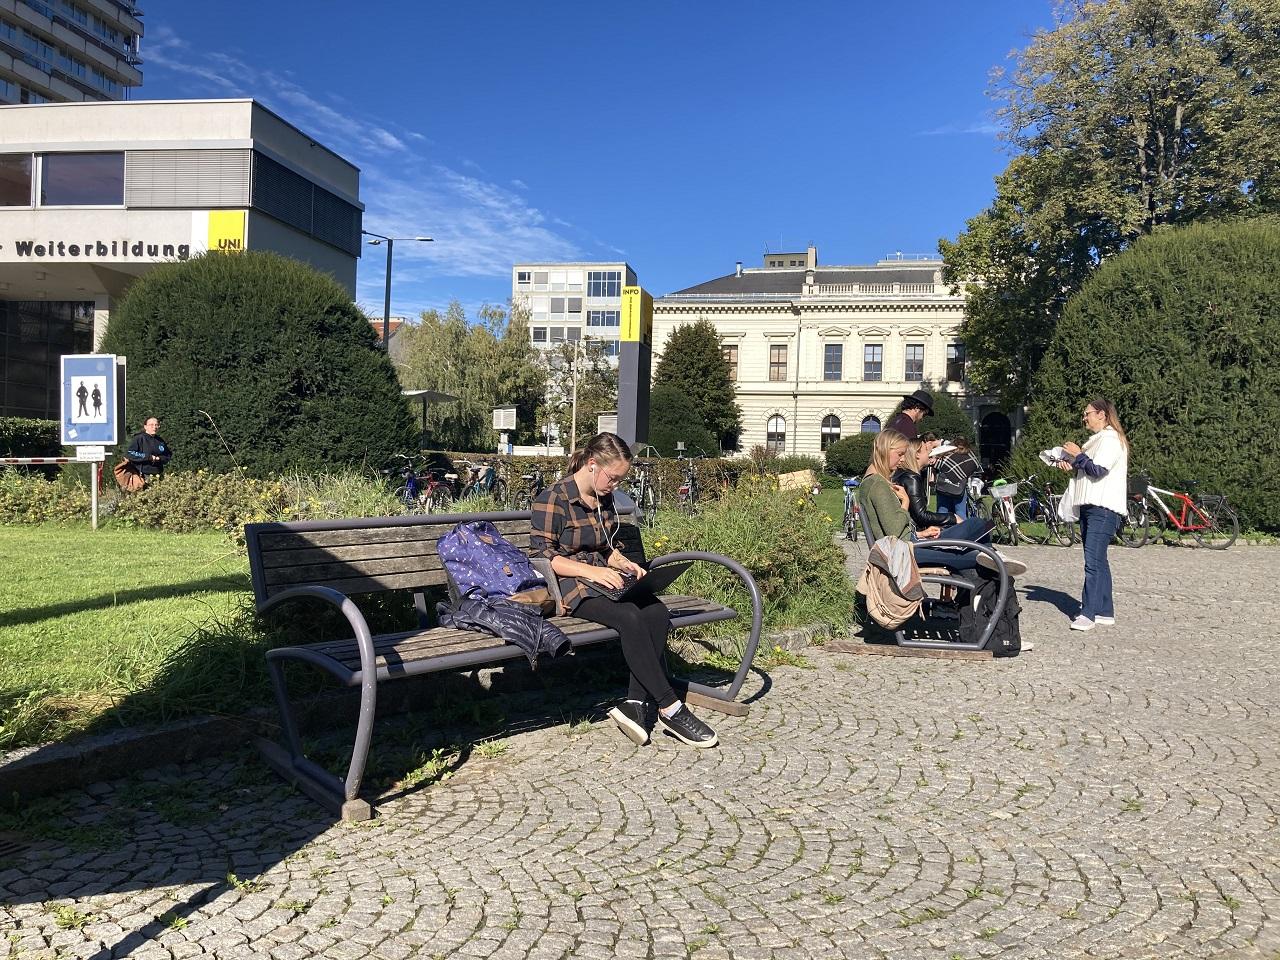 Studierende sitzen auf Bänken vor der Karl-Franzens-Universität und verfolgen ihre Vorlesungen über die Laptops im Stream.